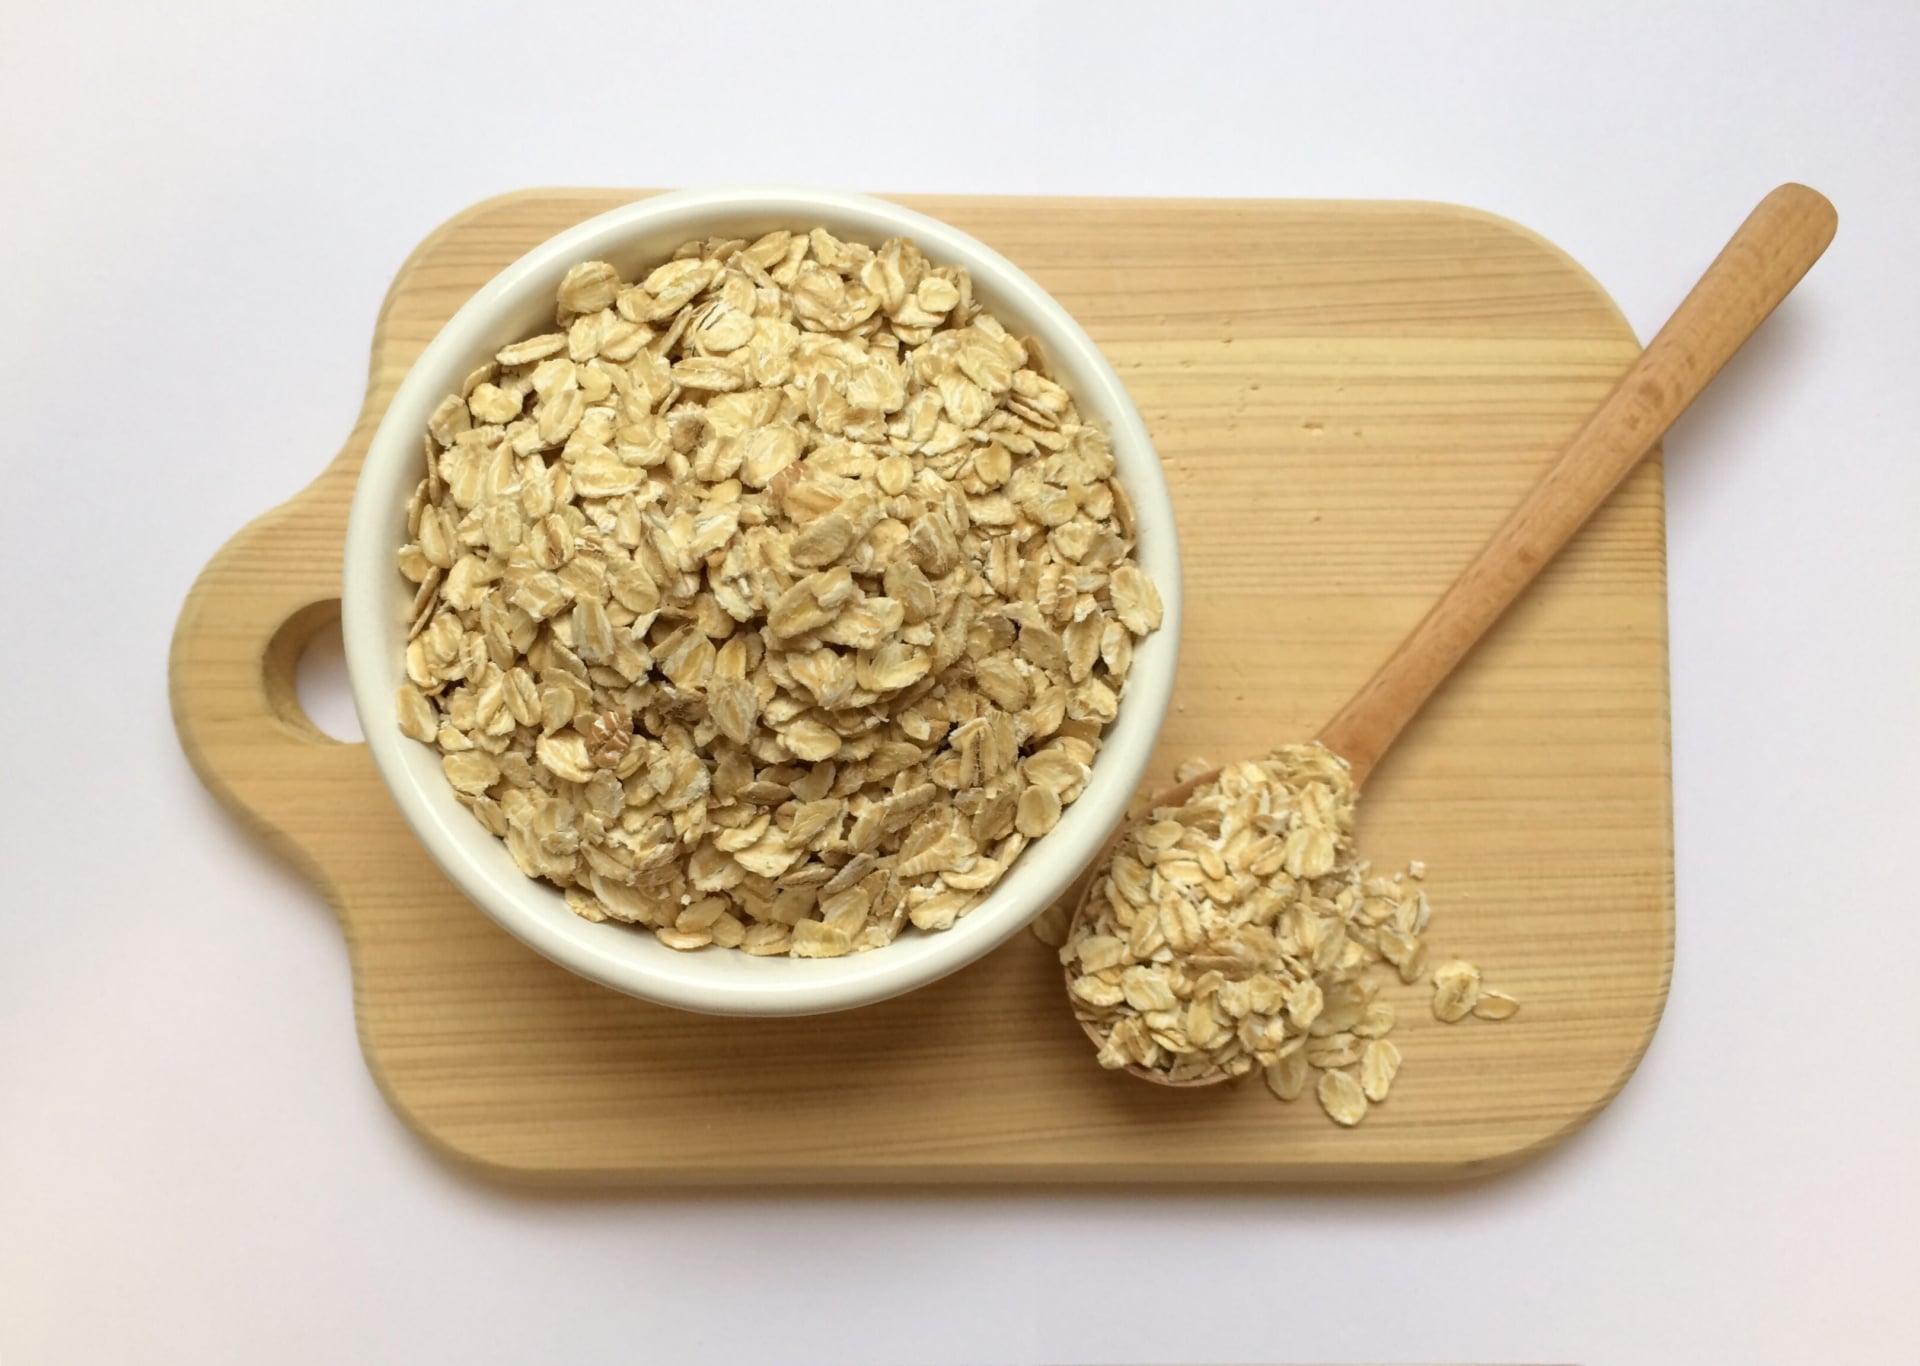 オートミールの栄養って?糖質も脂質も高いけど痩せる?!オートミールを食べ続けた結果…